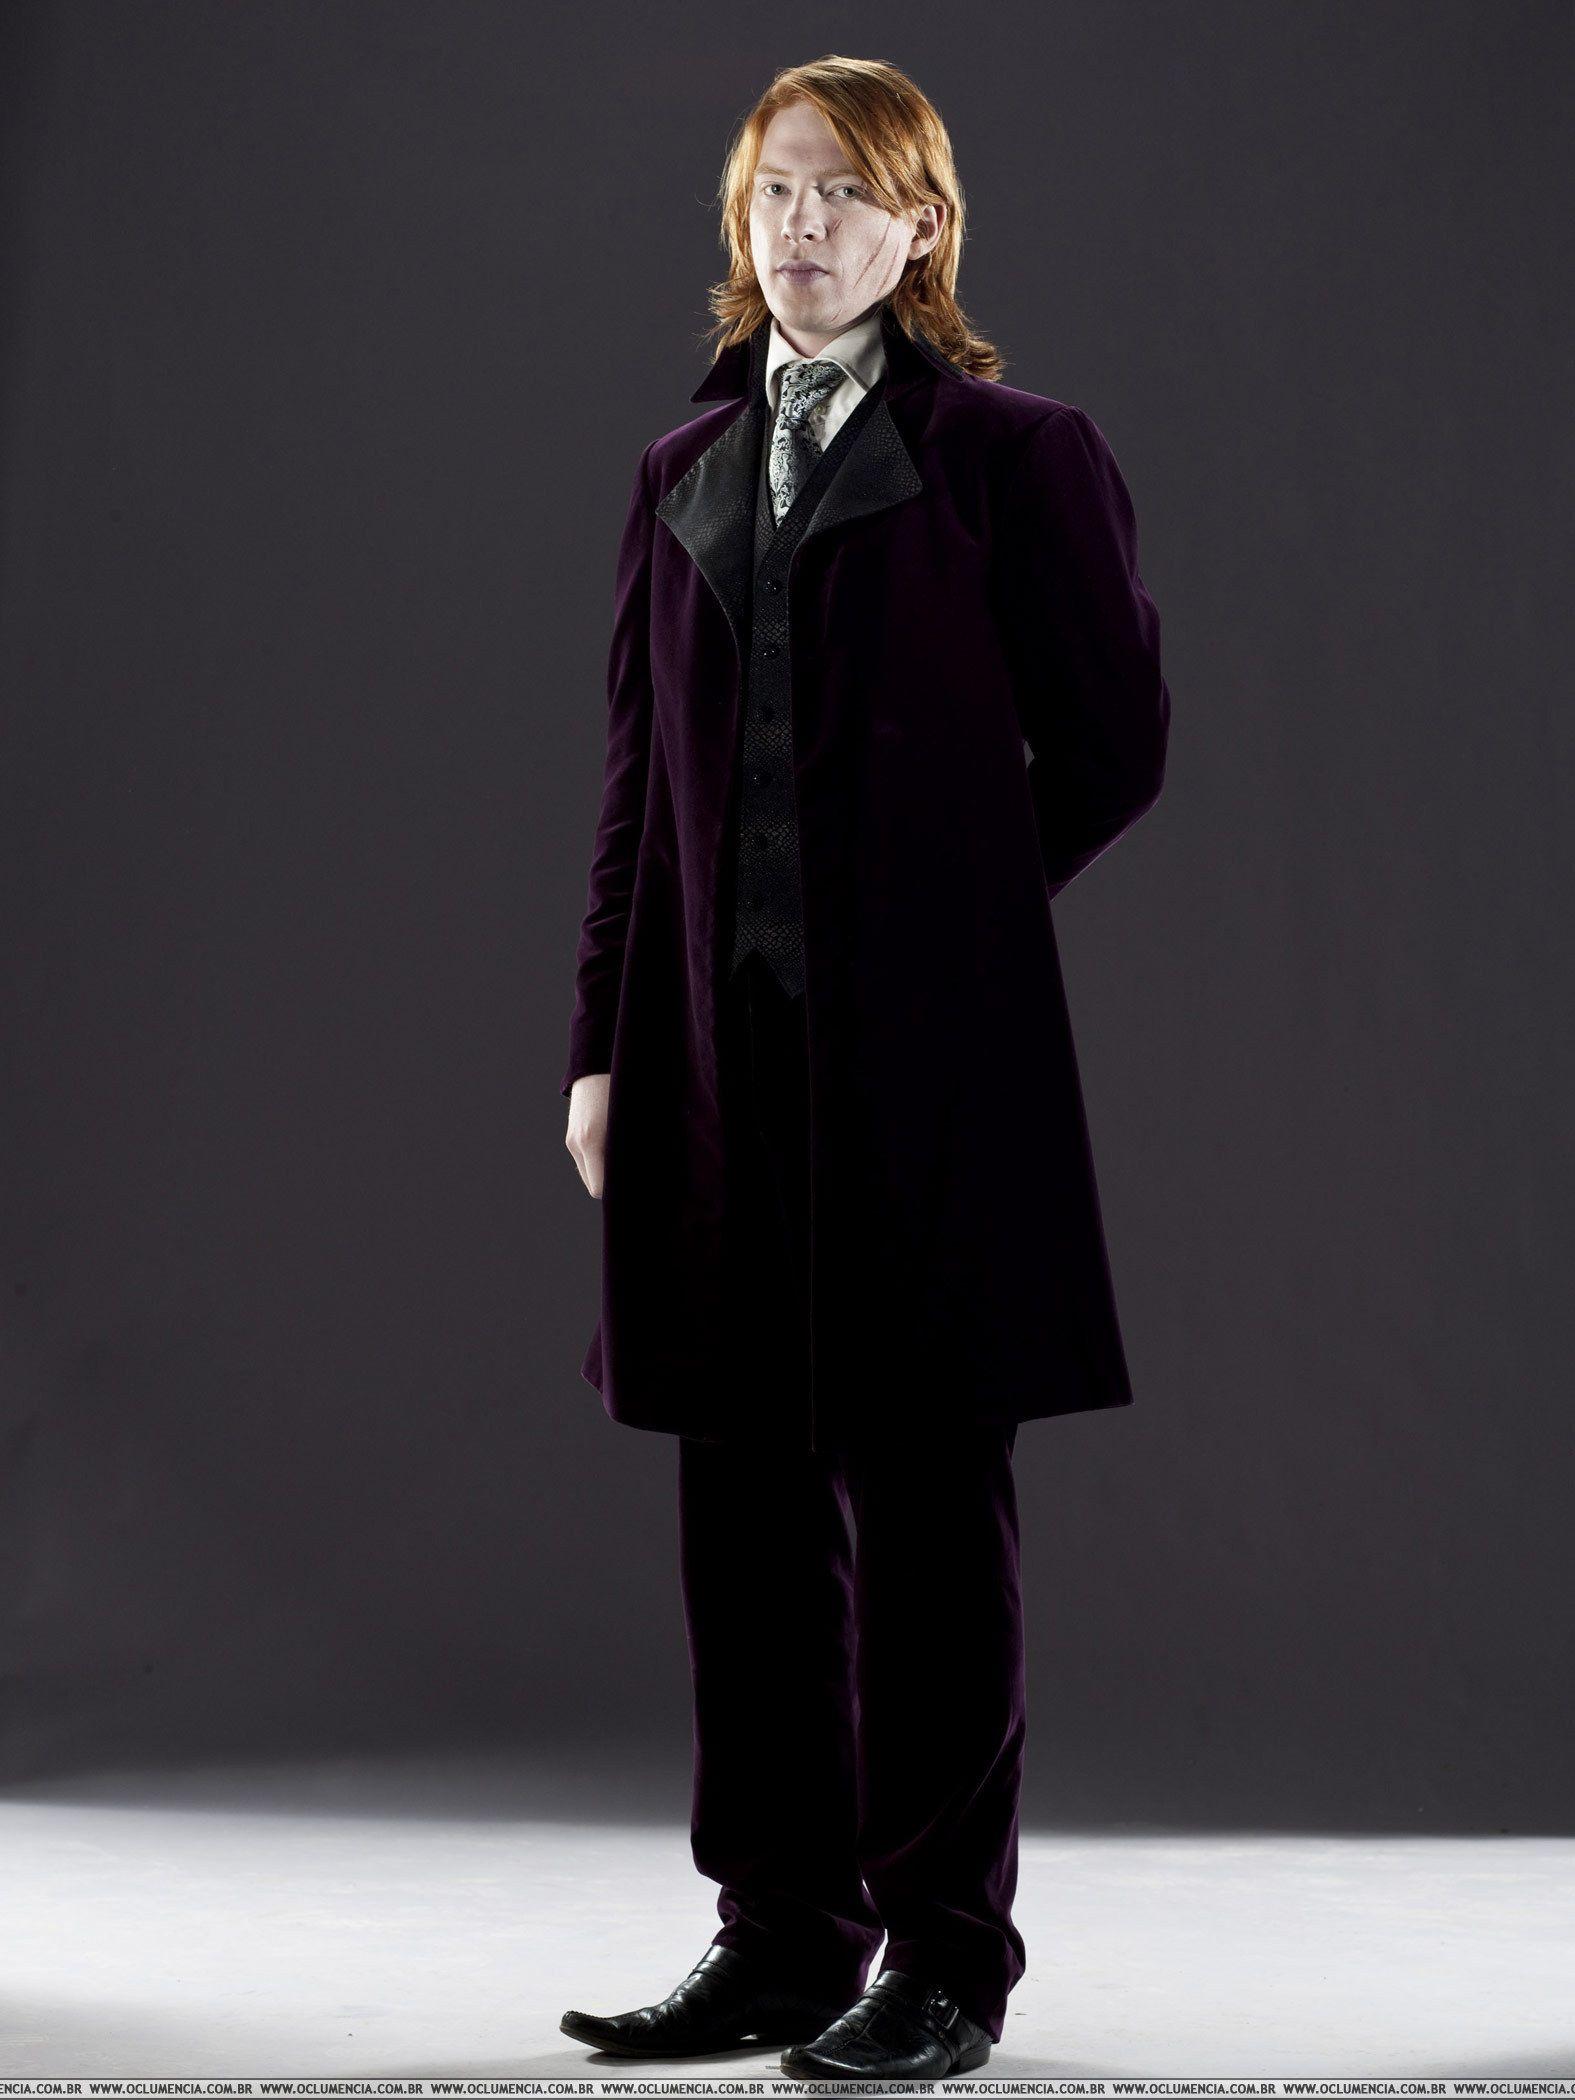 Bill Weasley Photo Bill Weasley Weasley Harry Potter Love Harry Potter Characters